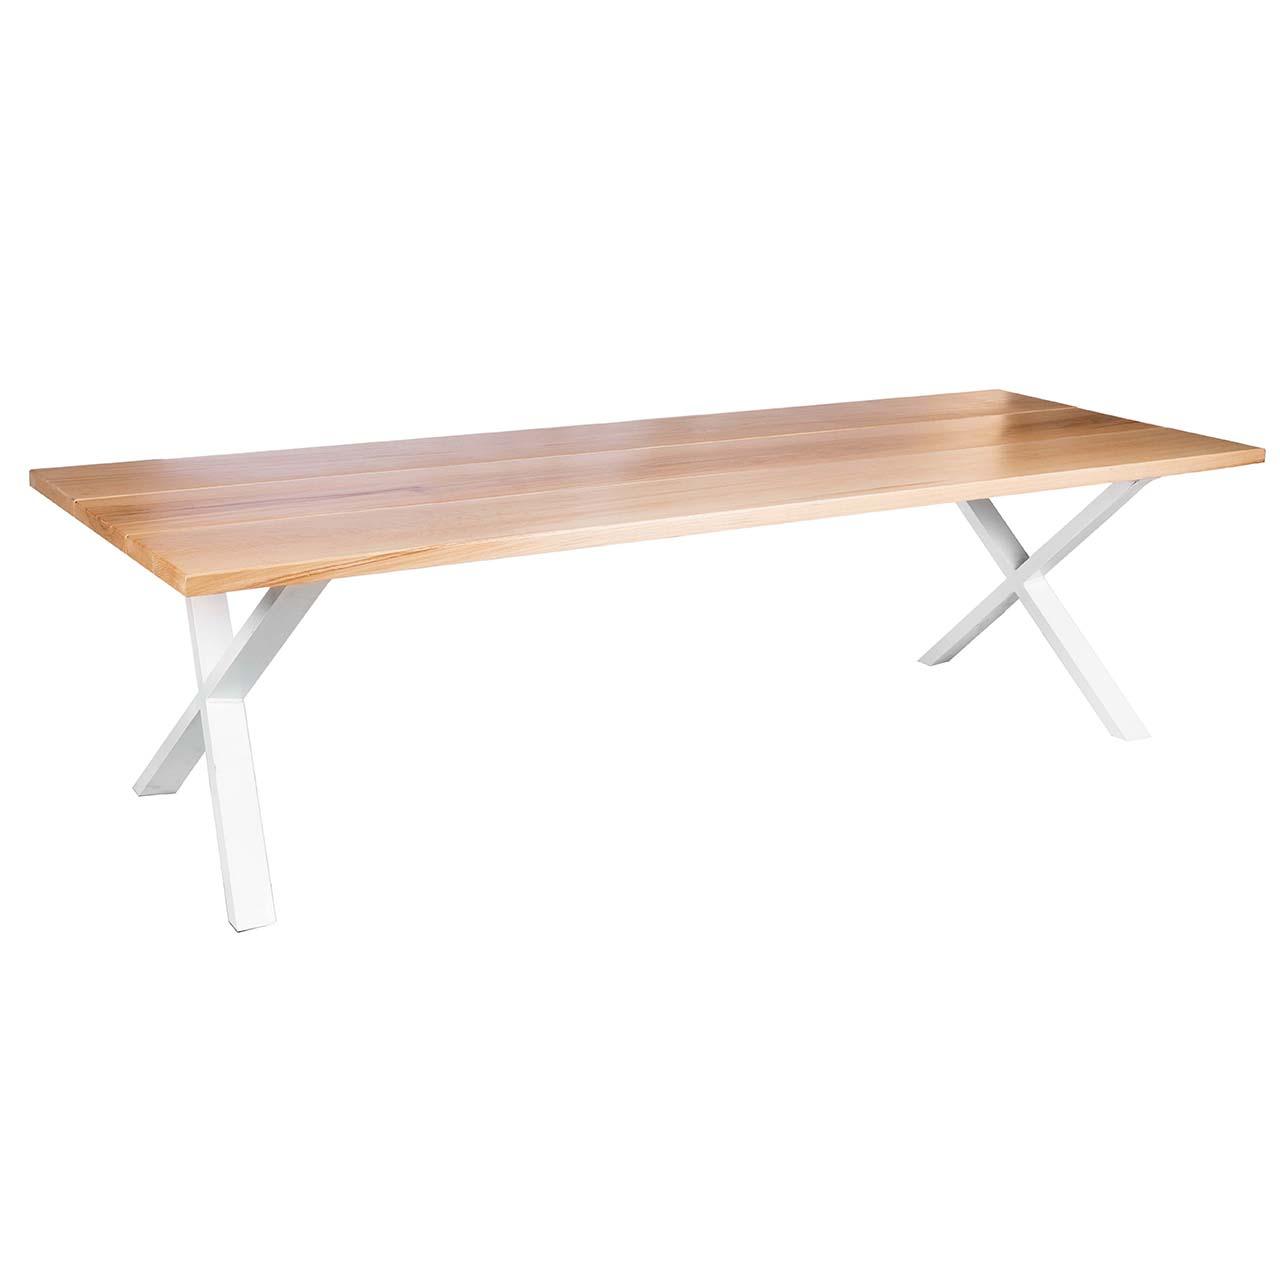 میز ناهار خوری ایتال فوم مدل Fantom هشت نفره